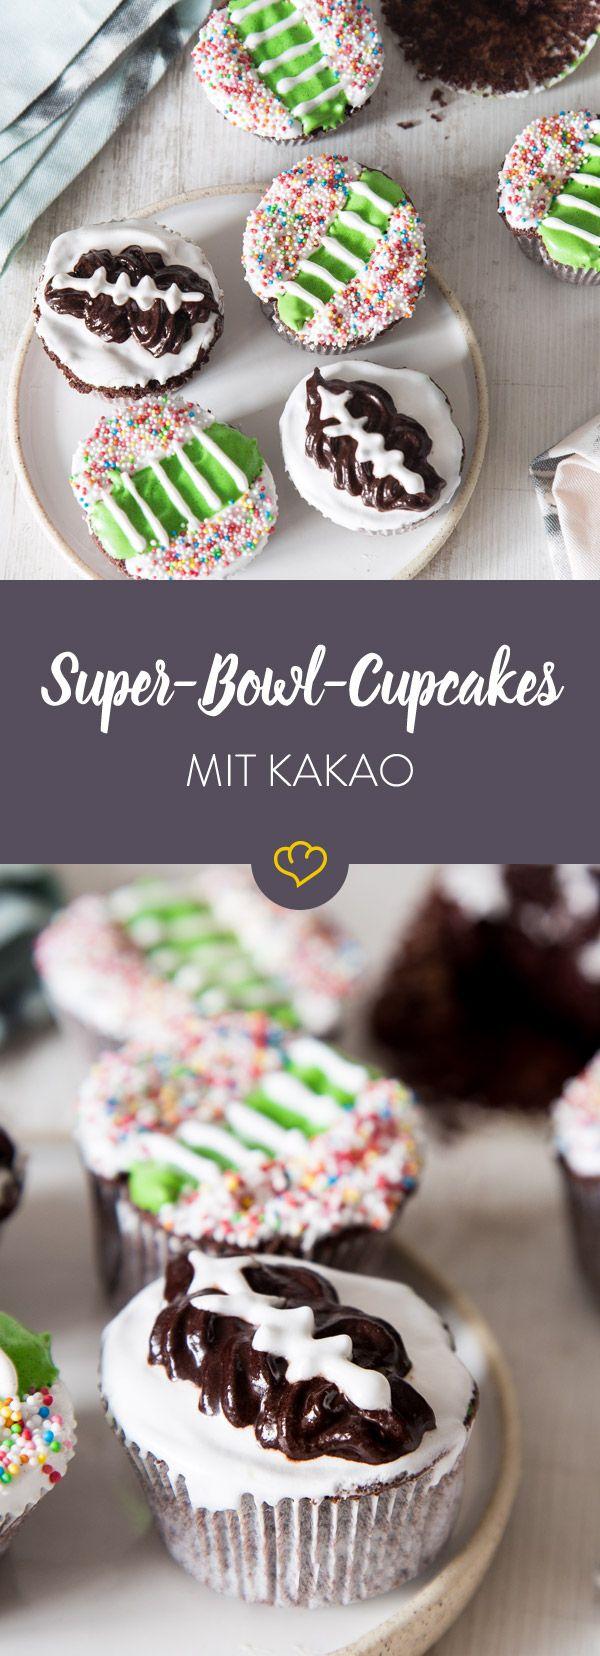 Bunte Kakaoküchlein für das Spiel: American Football Cupcakes